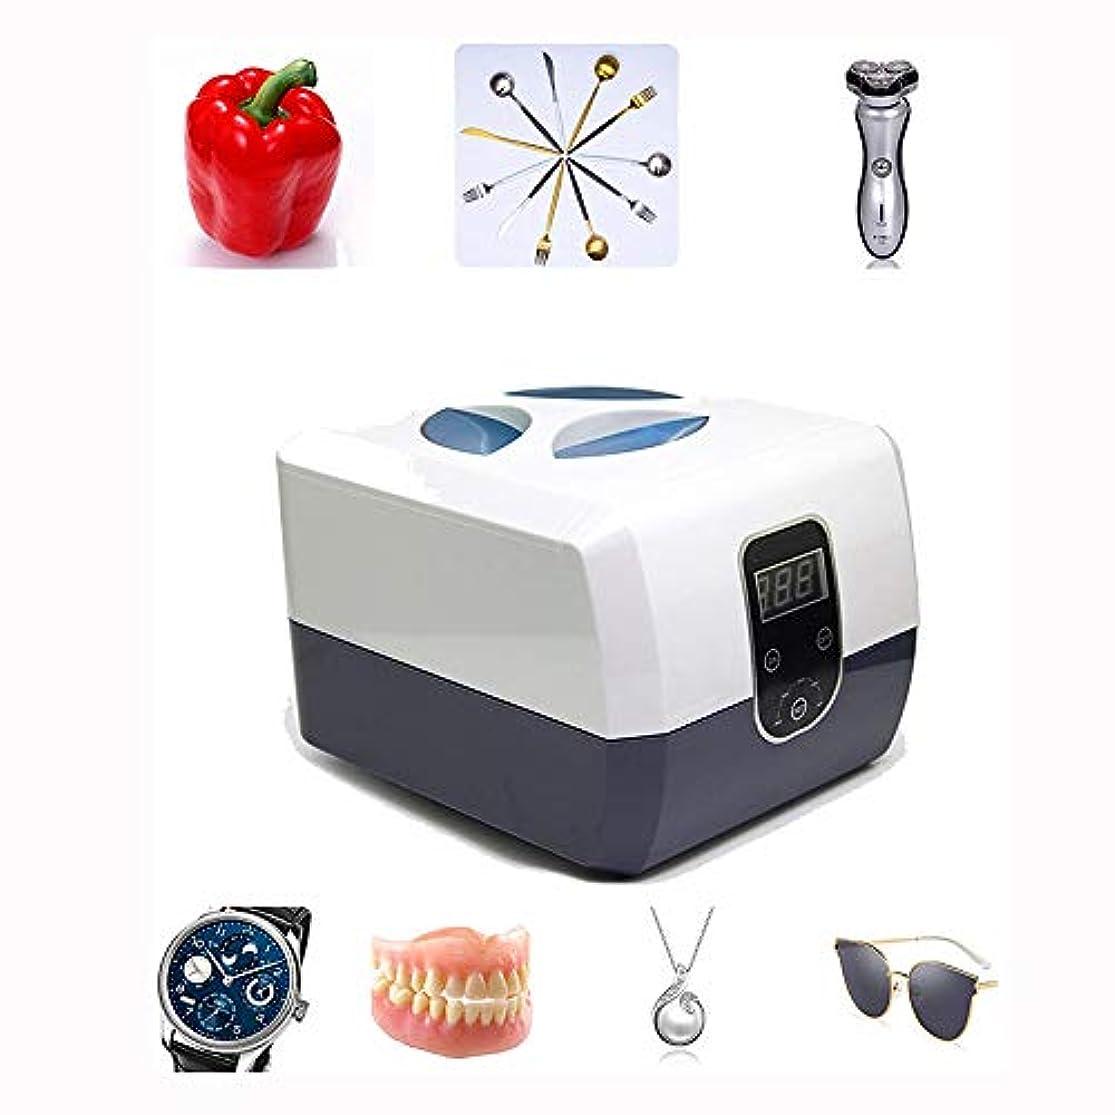 着替える訪問体消毒機は、髪のツール/ネイルマニキュアを設定/歯科衛生キットなどを殺菌するための殺菌に最適ネイル